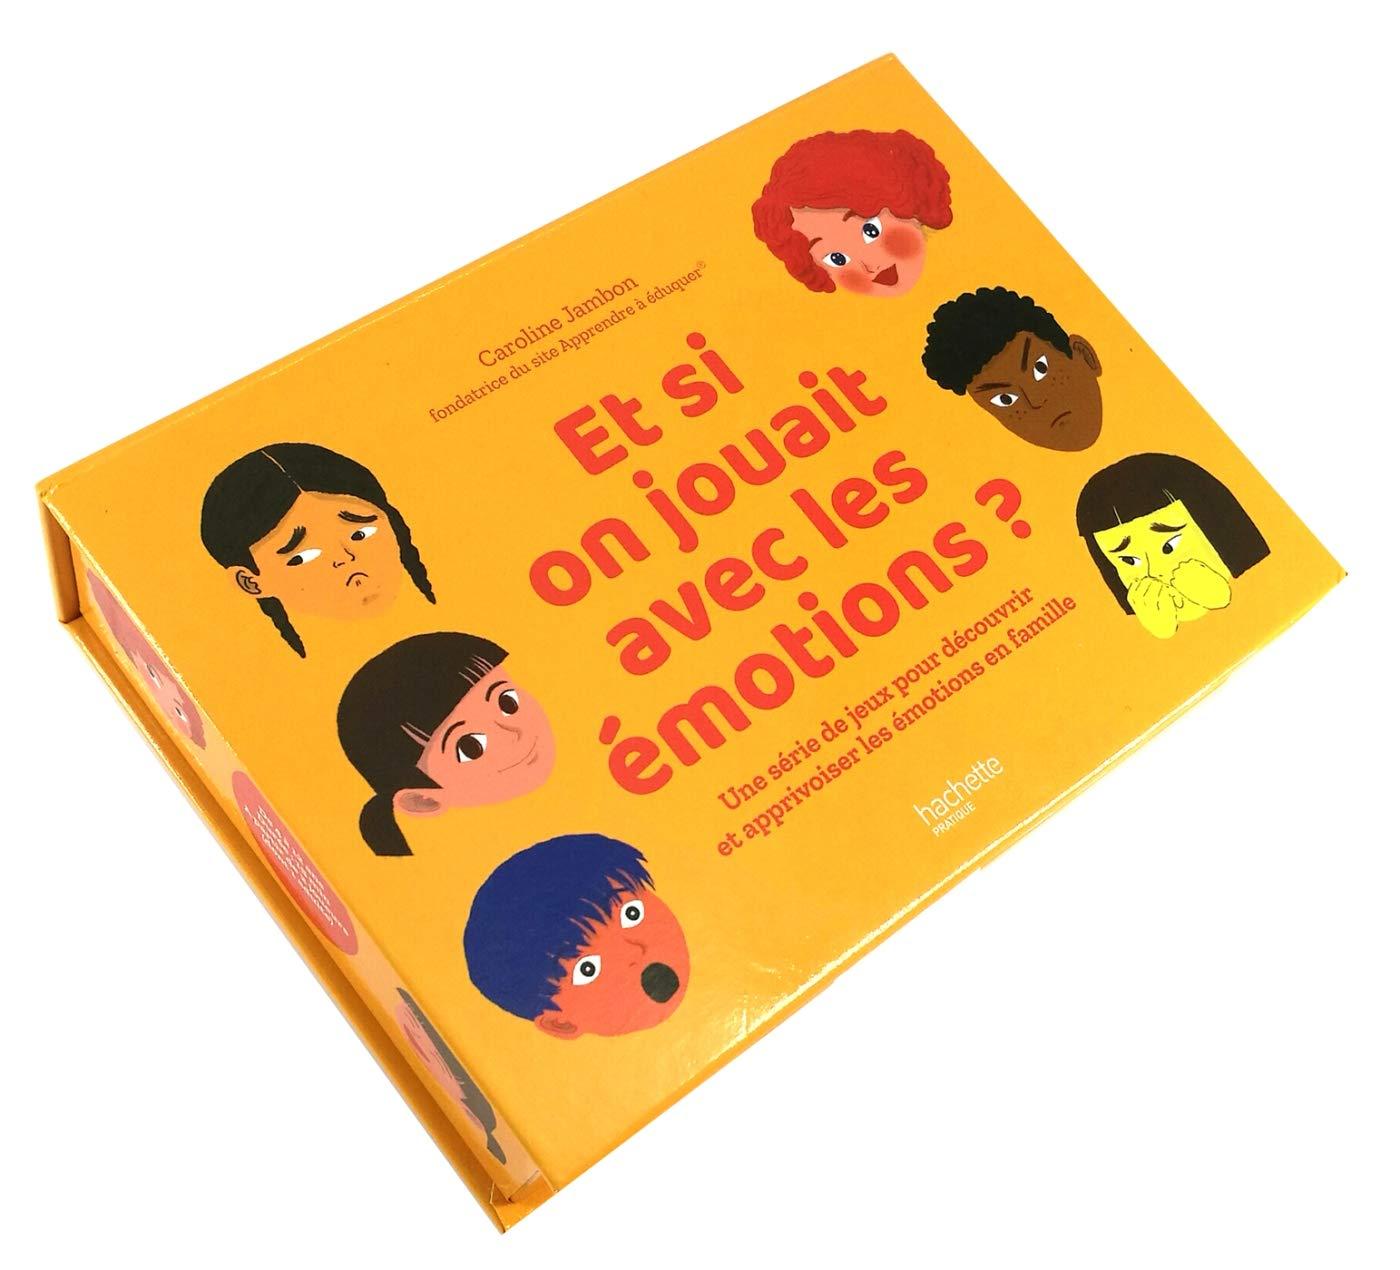 [COFFRET de JEUX sur les EMOTIONS] 5 jeux pour apprivoiser les émotions en famille - 4/12 ans